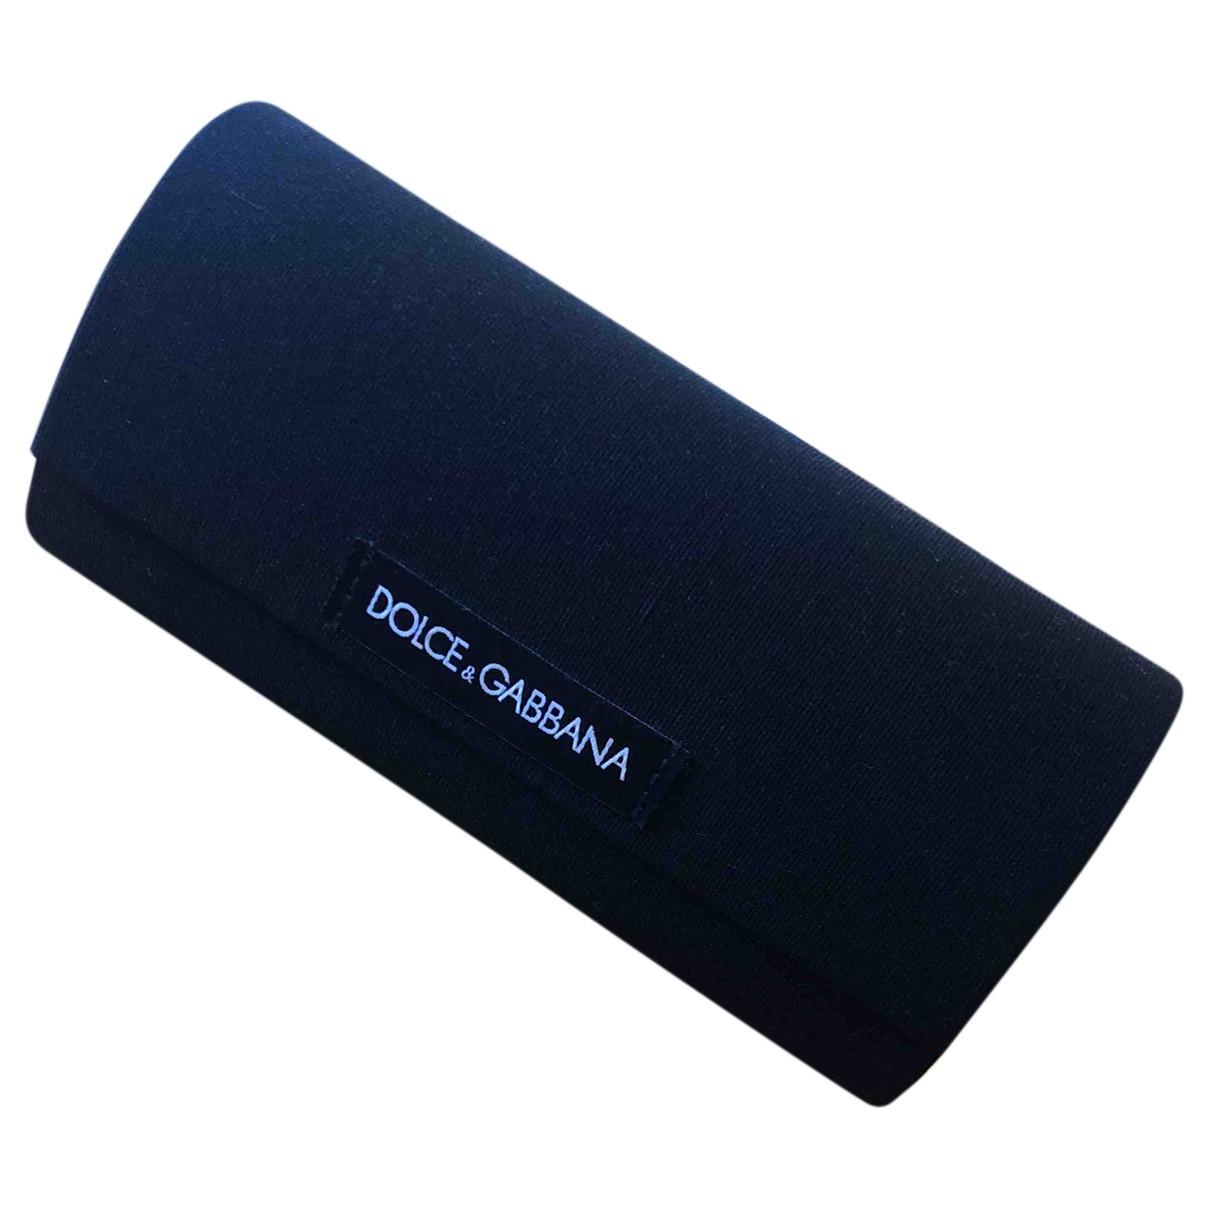 Dolce & Gabbana - Petite maroquinerie   pour femme en autre - noir